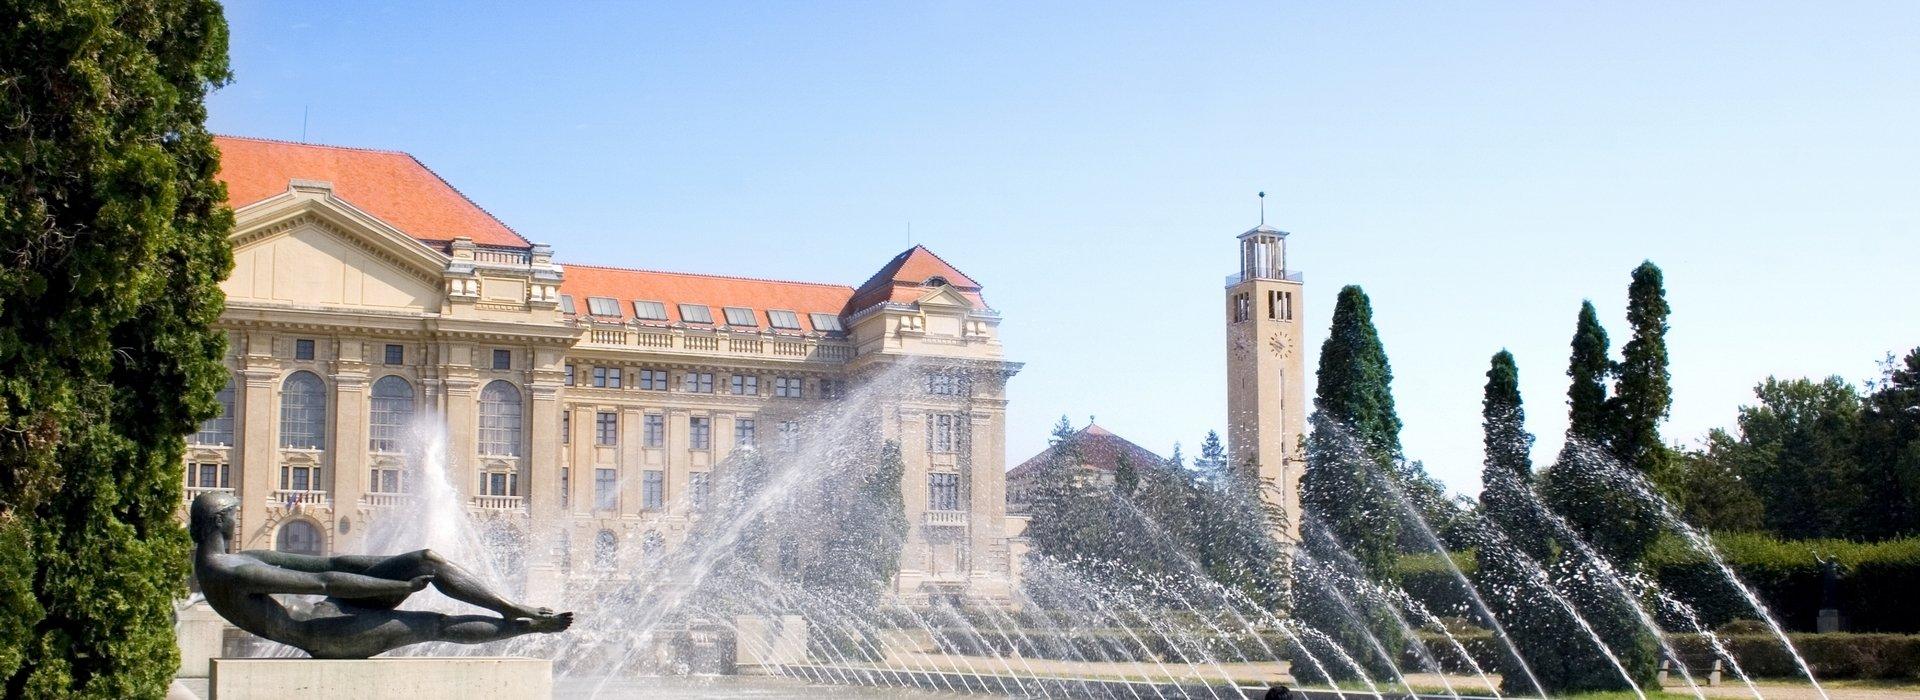 Touristische Inforportal von Debrecen